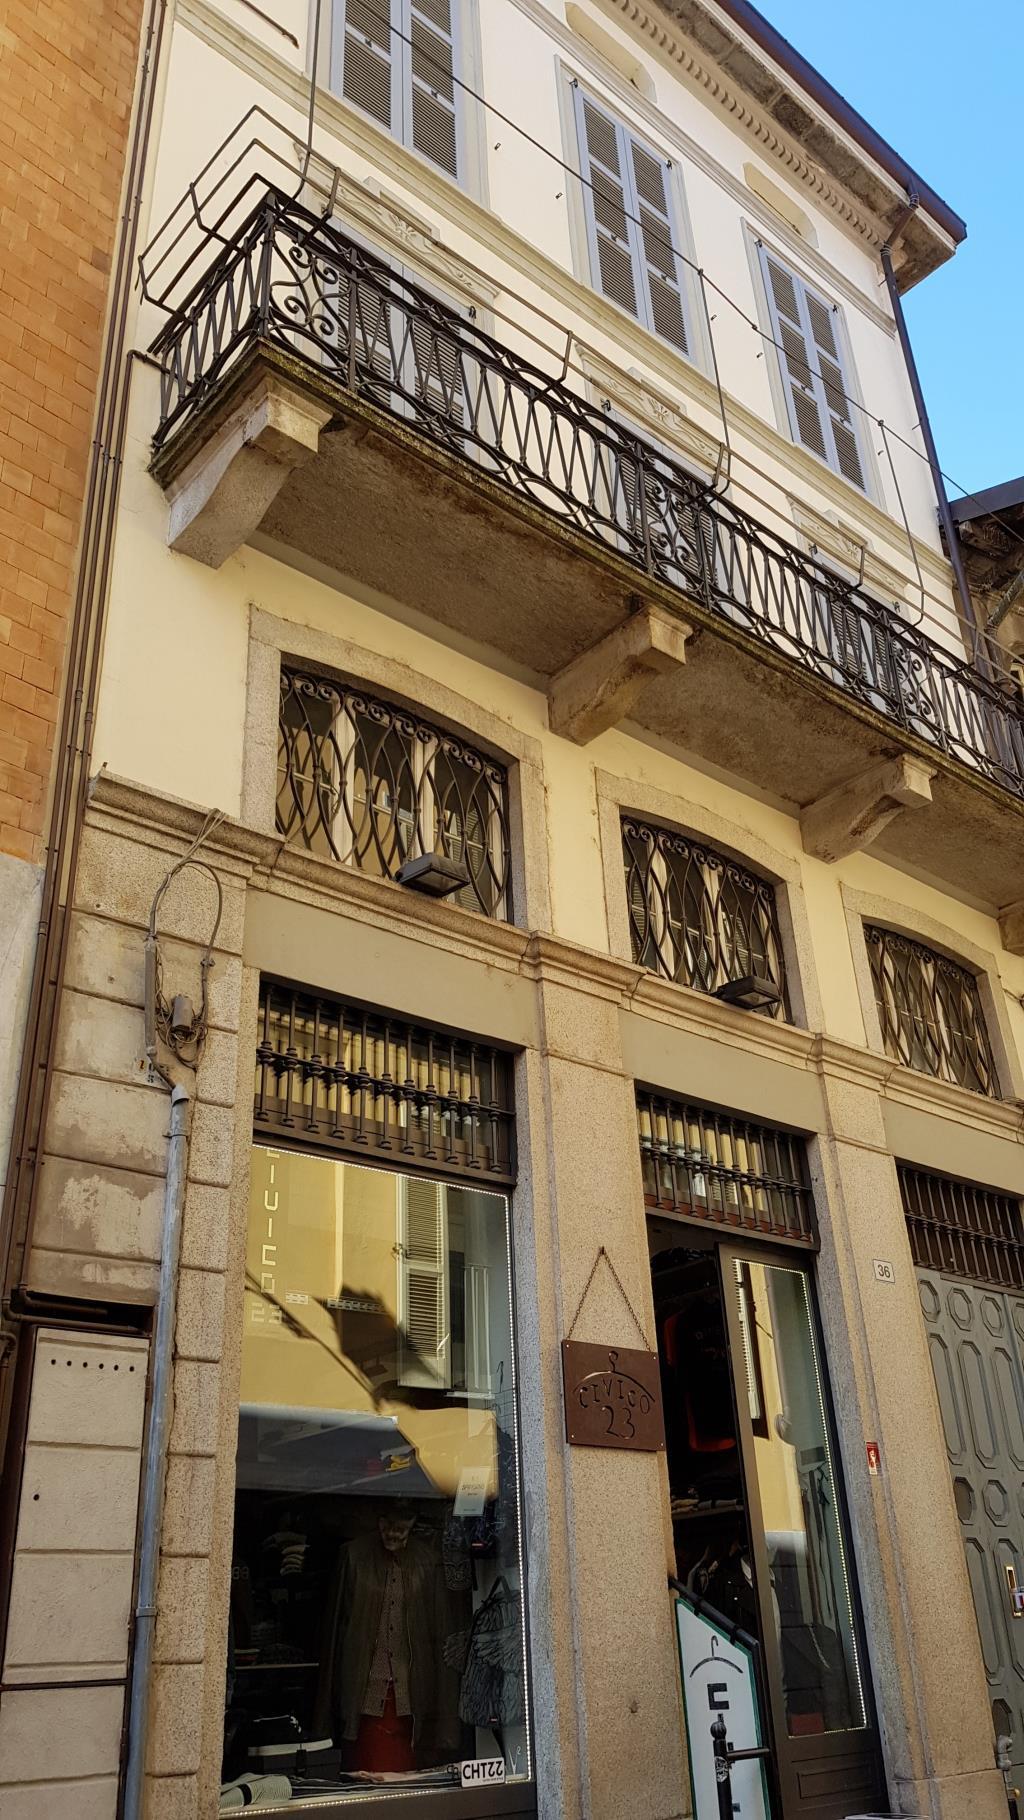 Negozio / Locale in vendita a Lecco, 2 locali, prezzo € 255.000   CambioCasa.it